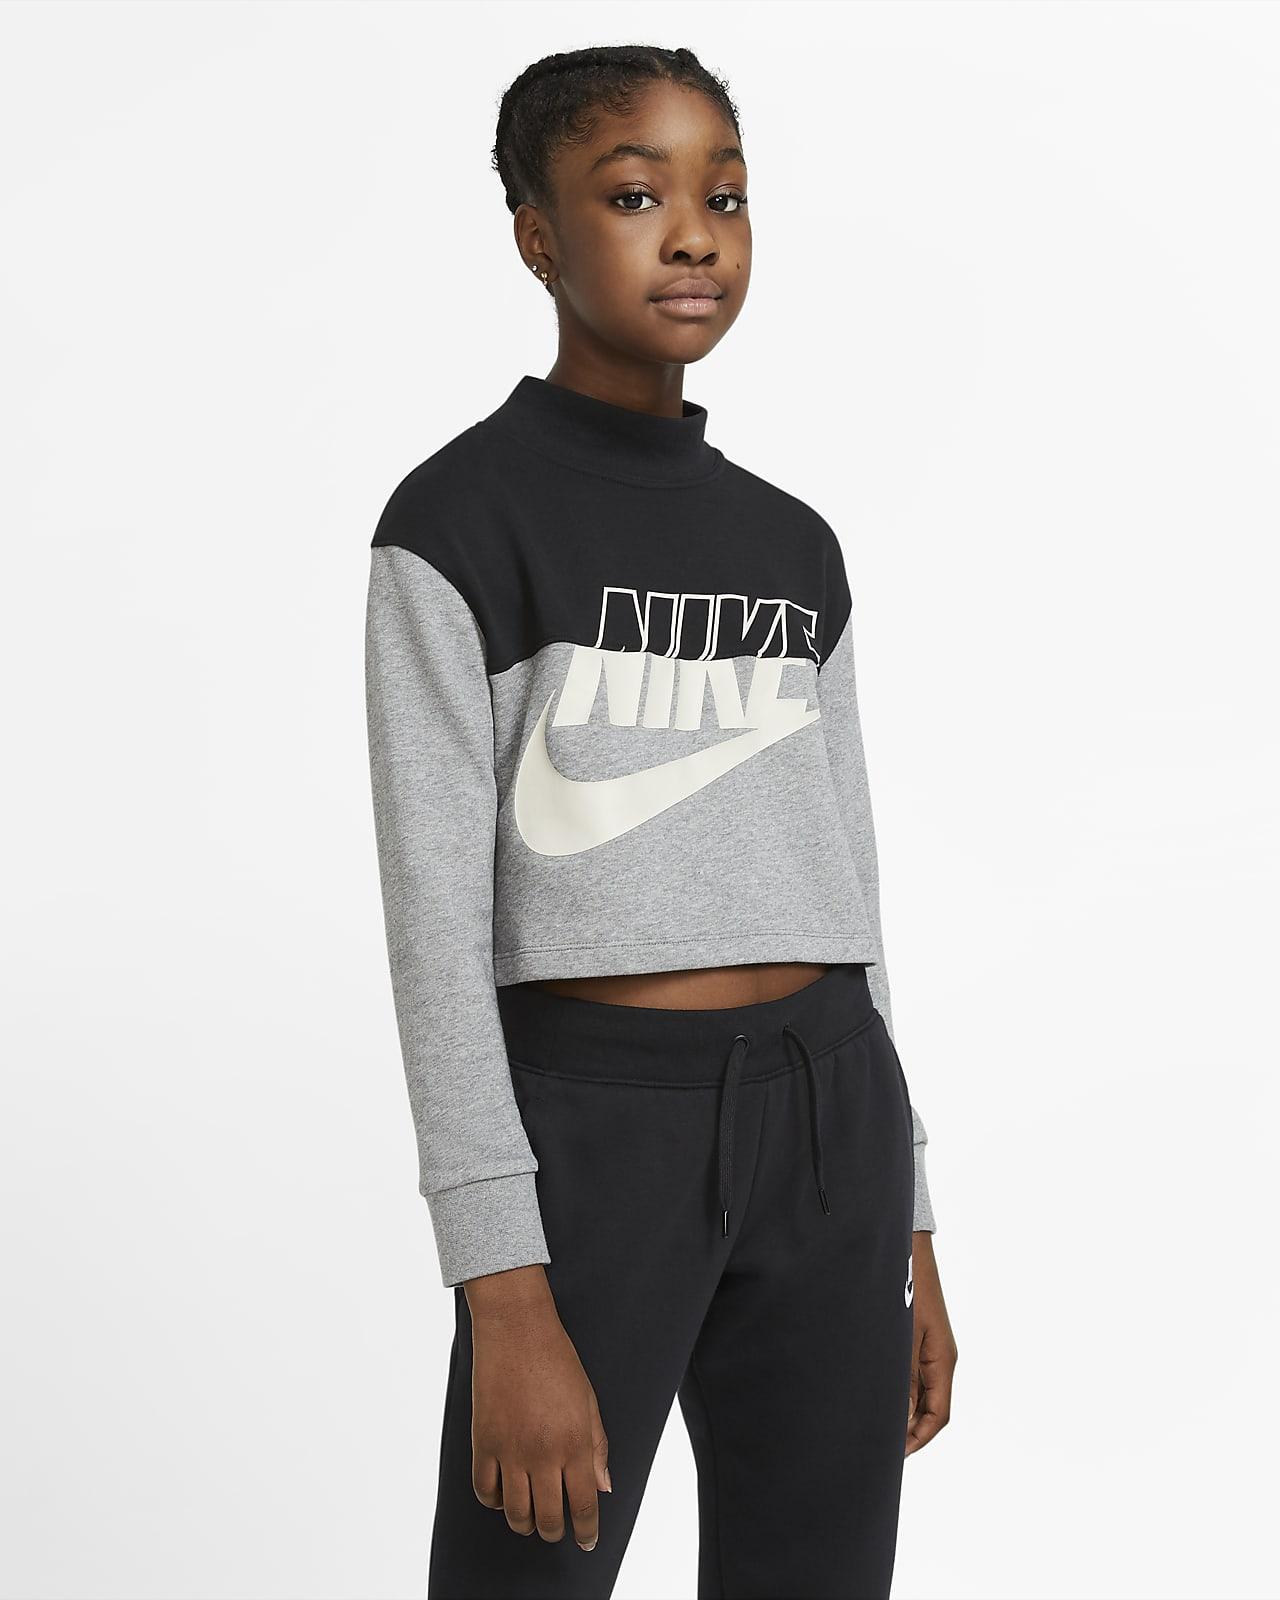 Укороченный свитшот из ткани френч терри для девочек школьного возраста Nike Sportswear